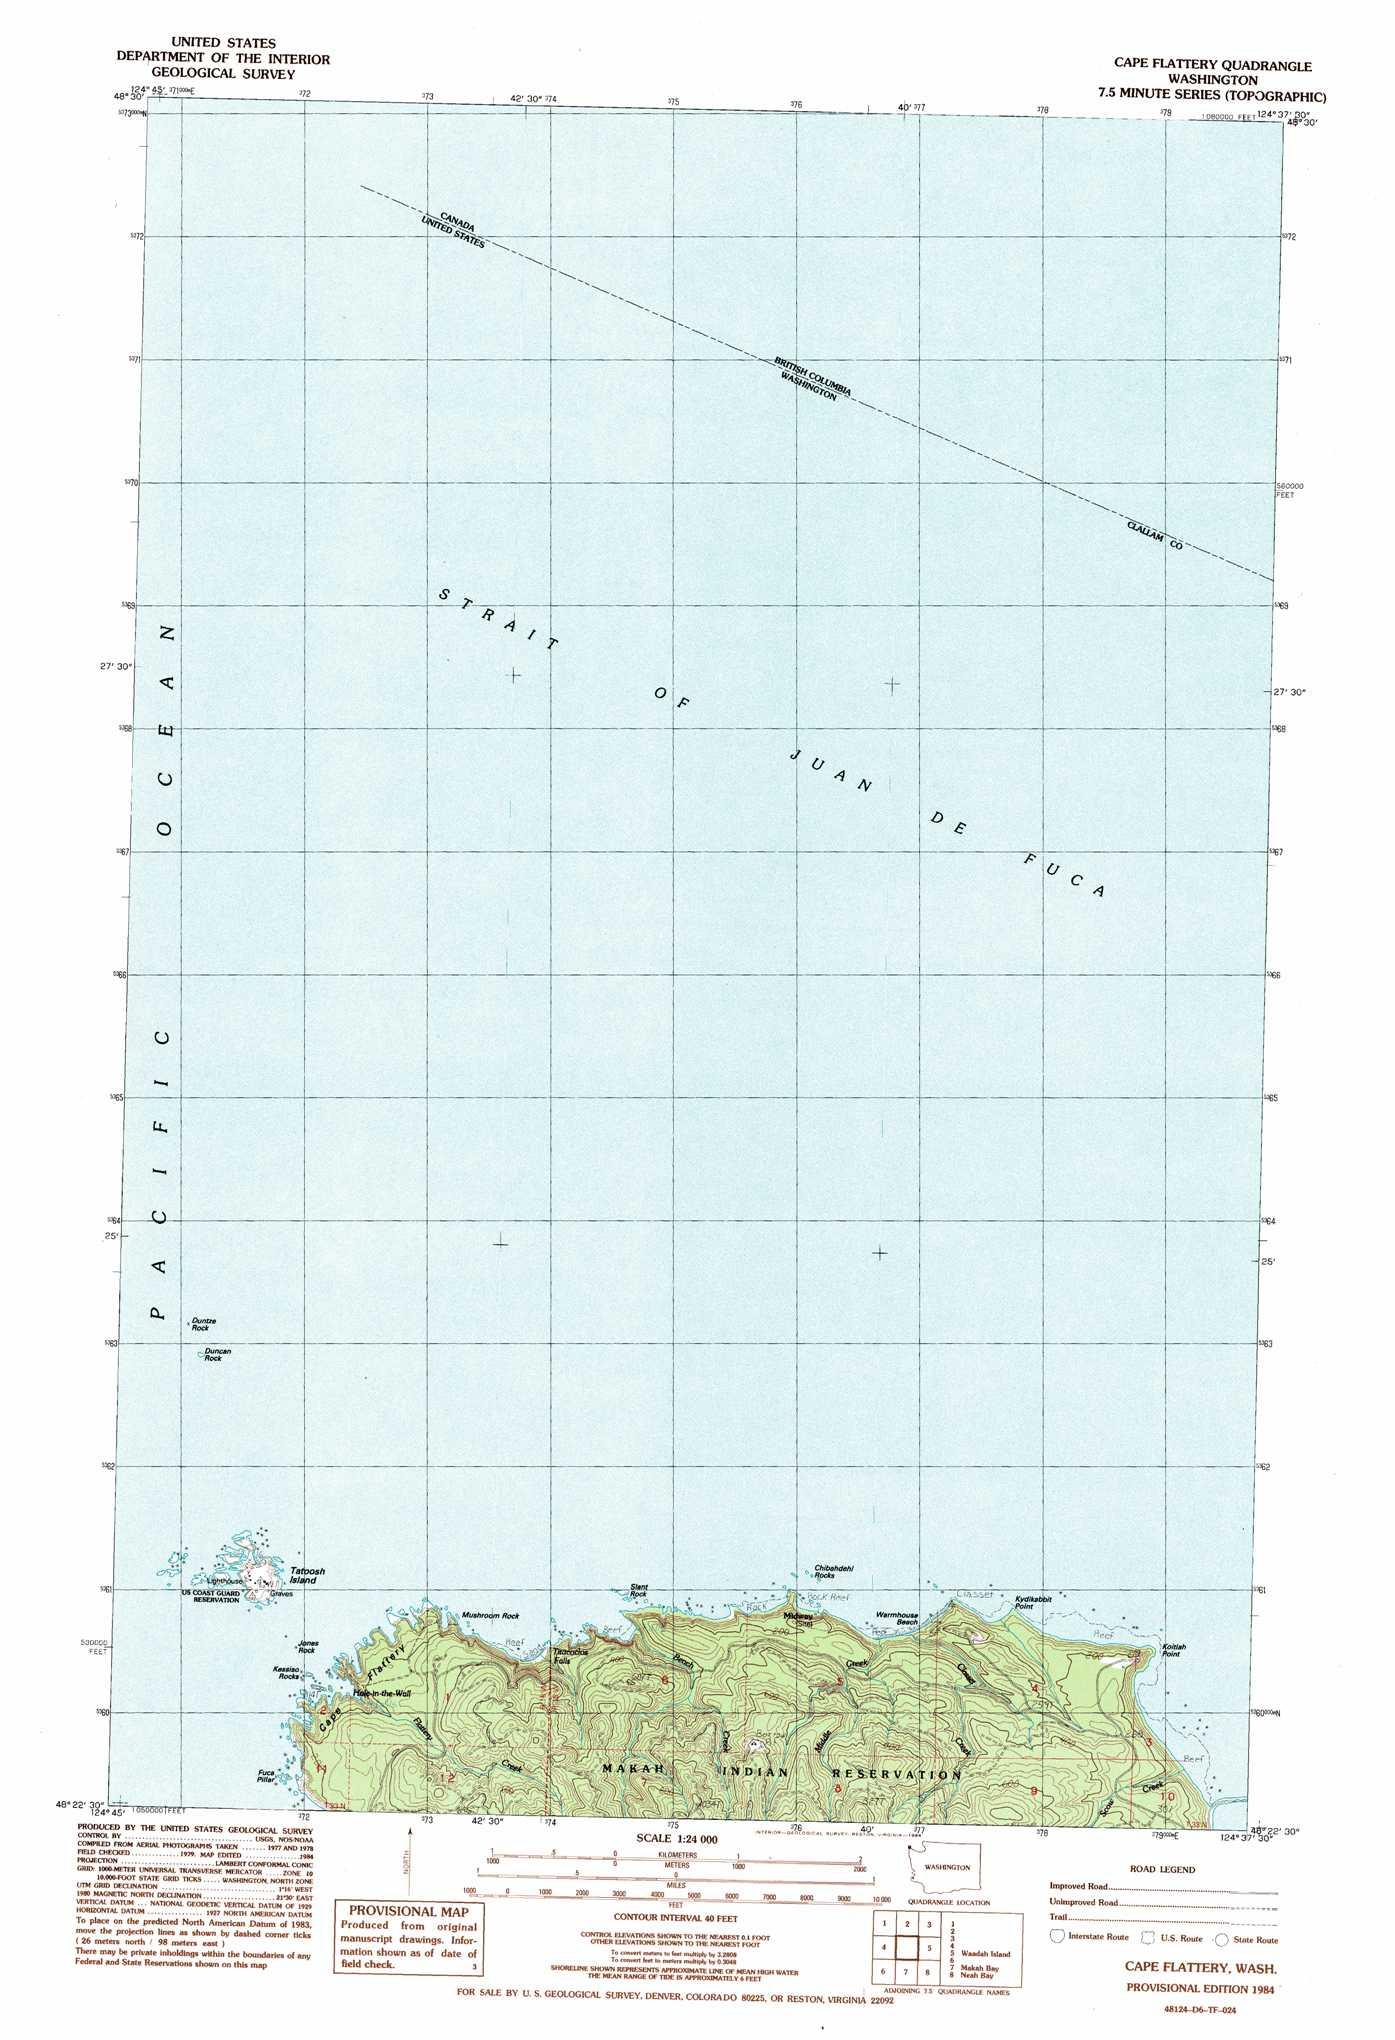 Cape Flattery Topographic Map WA  USGS Topo Quad 48124d6